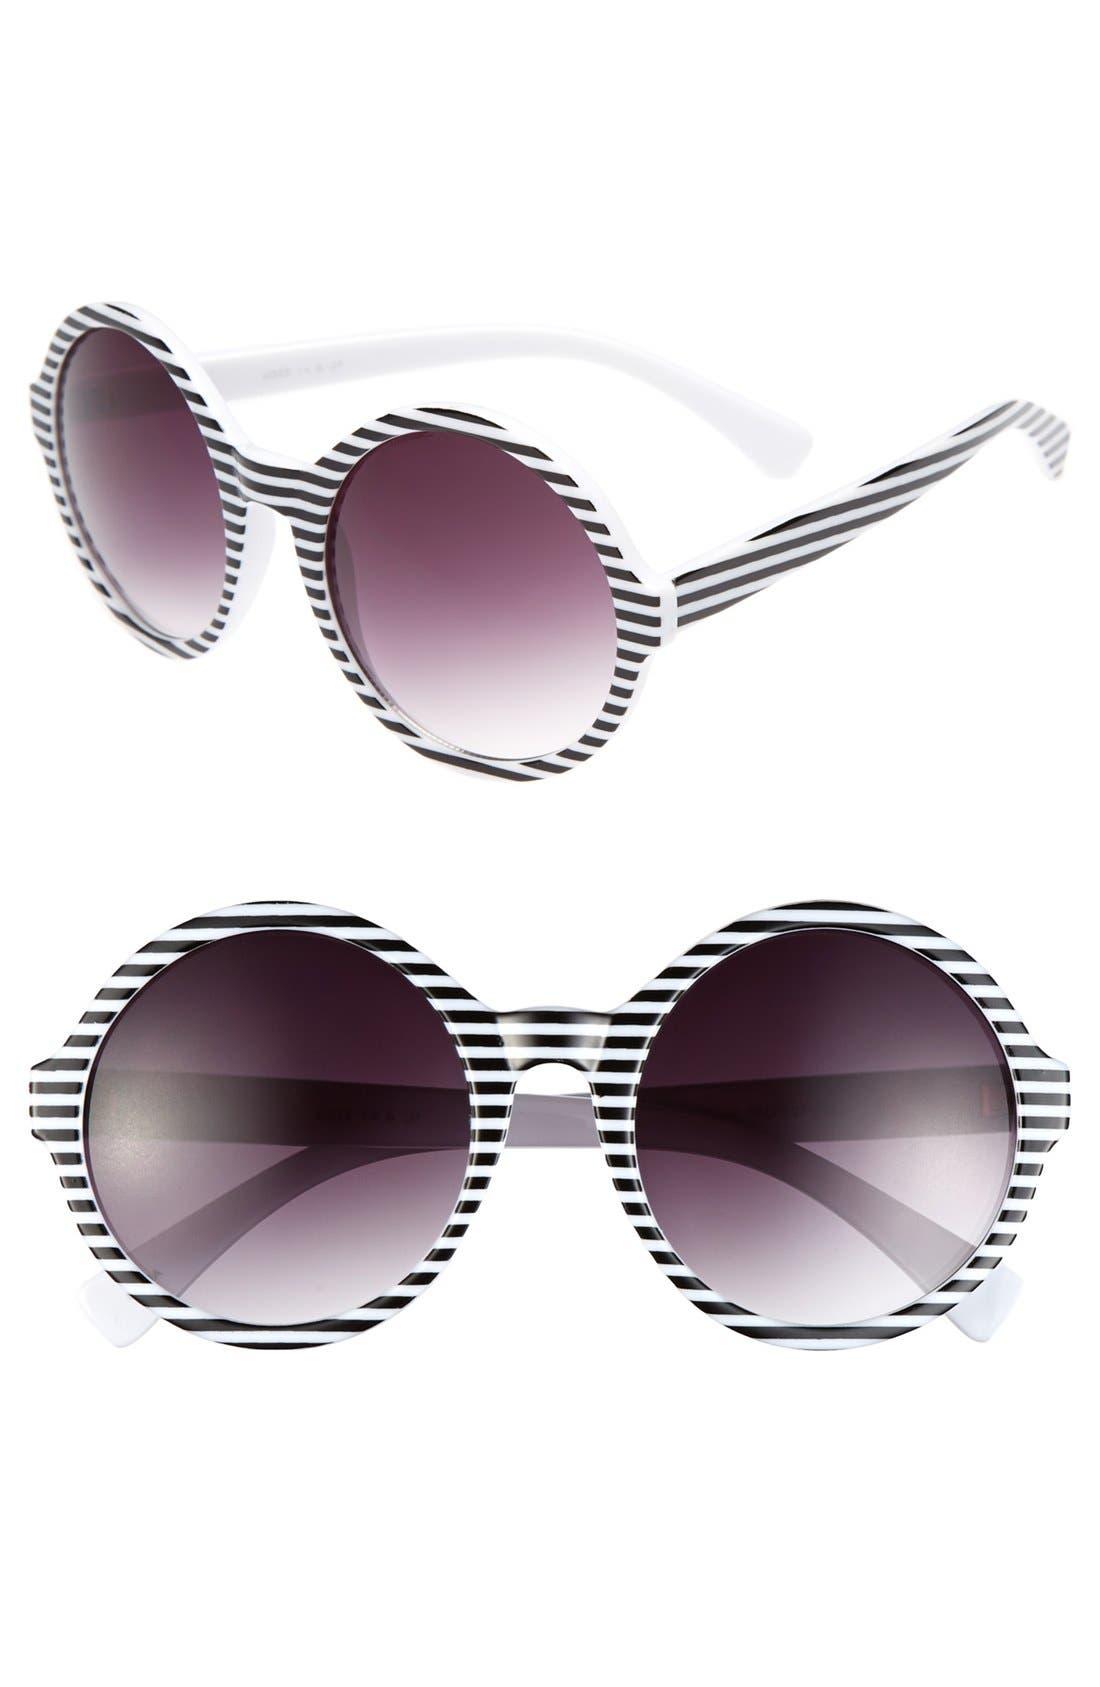 Main Image - FE NY 'Episode' 54mm Round Sunglasses